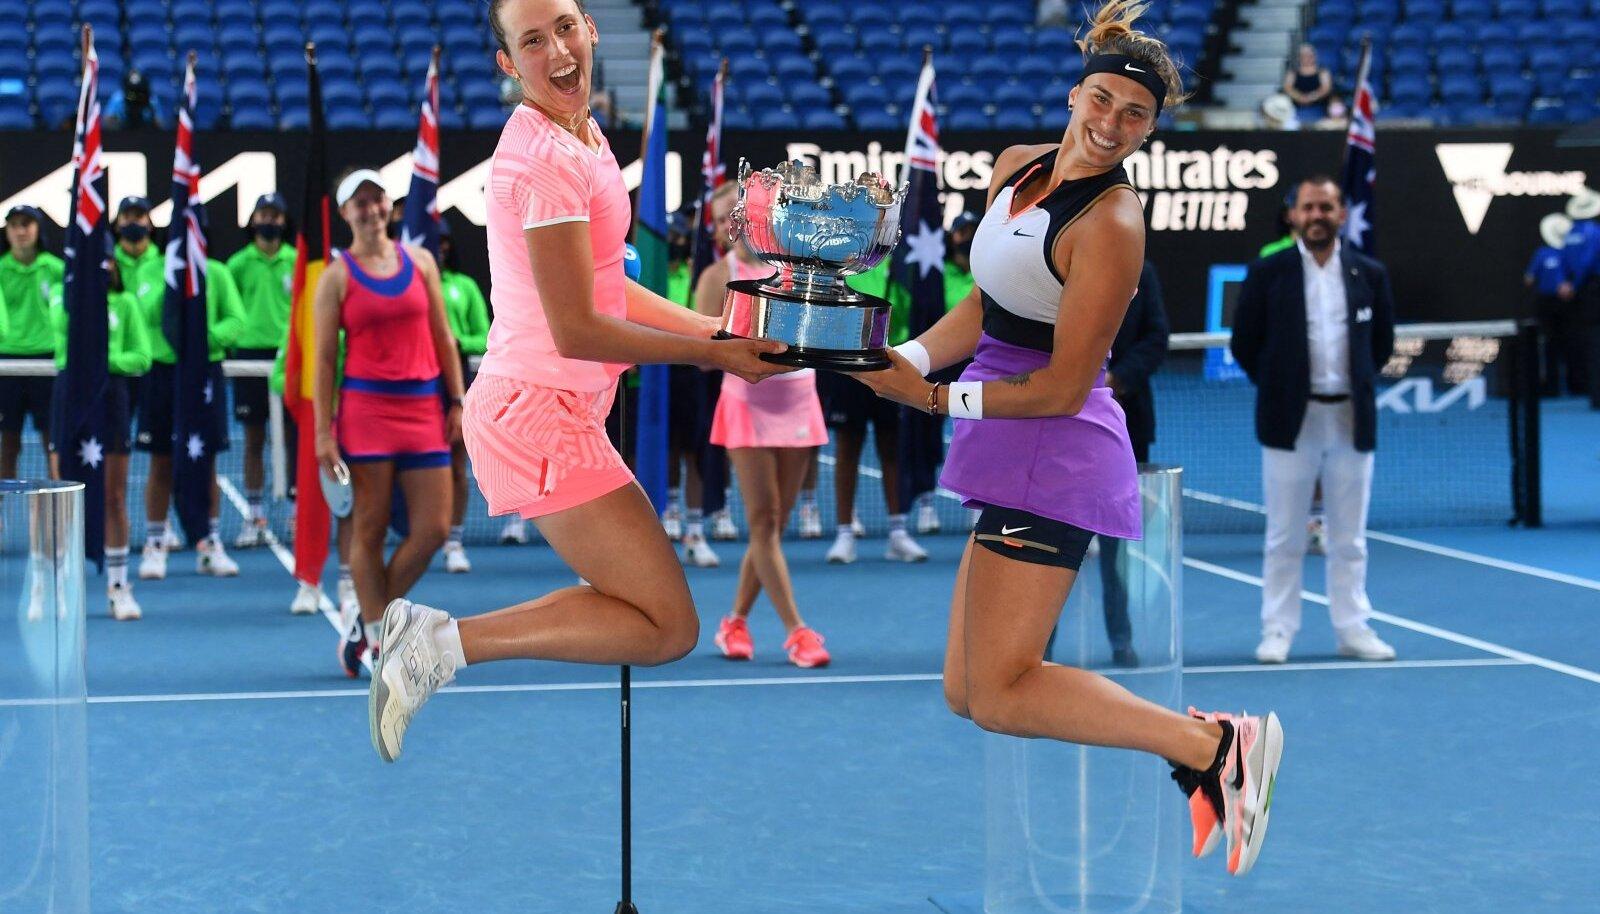 Elise Mertens ja Arina Sabalenka võitsid Australian Openi naispaarismängu tiitli.